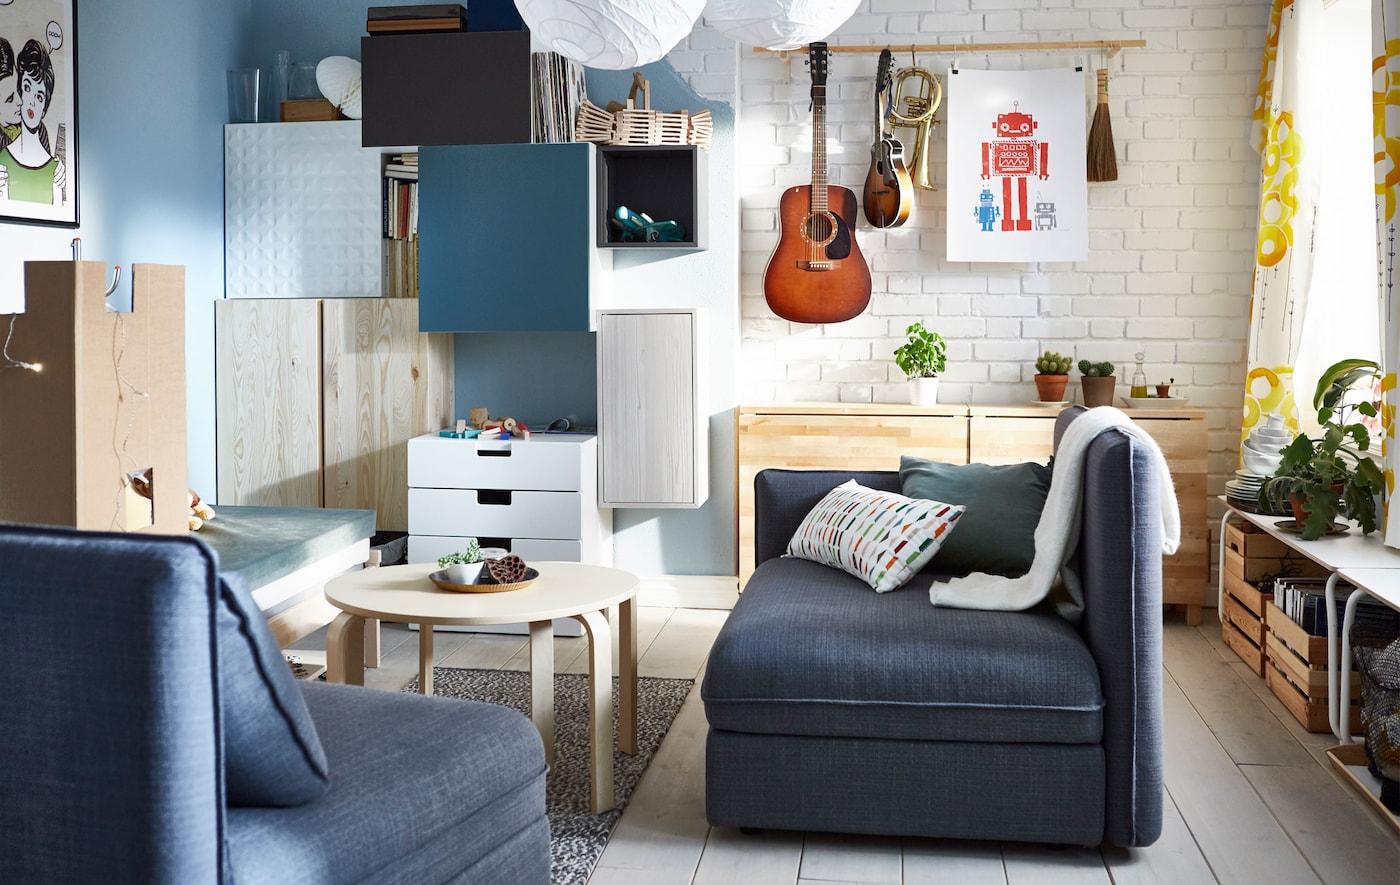 Ein Wohnzimmer mit Sitzelementen, Aufbewahrungsmöglichkeiten, Couchtisch & Klappesstisch.